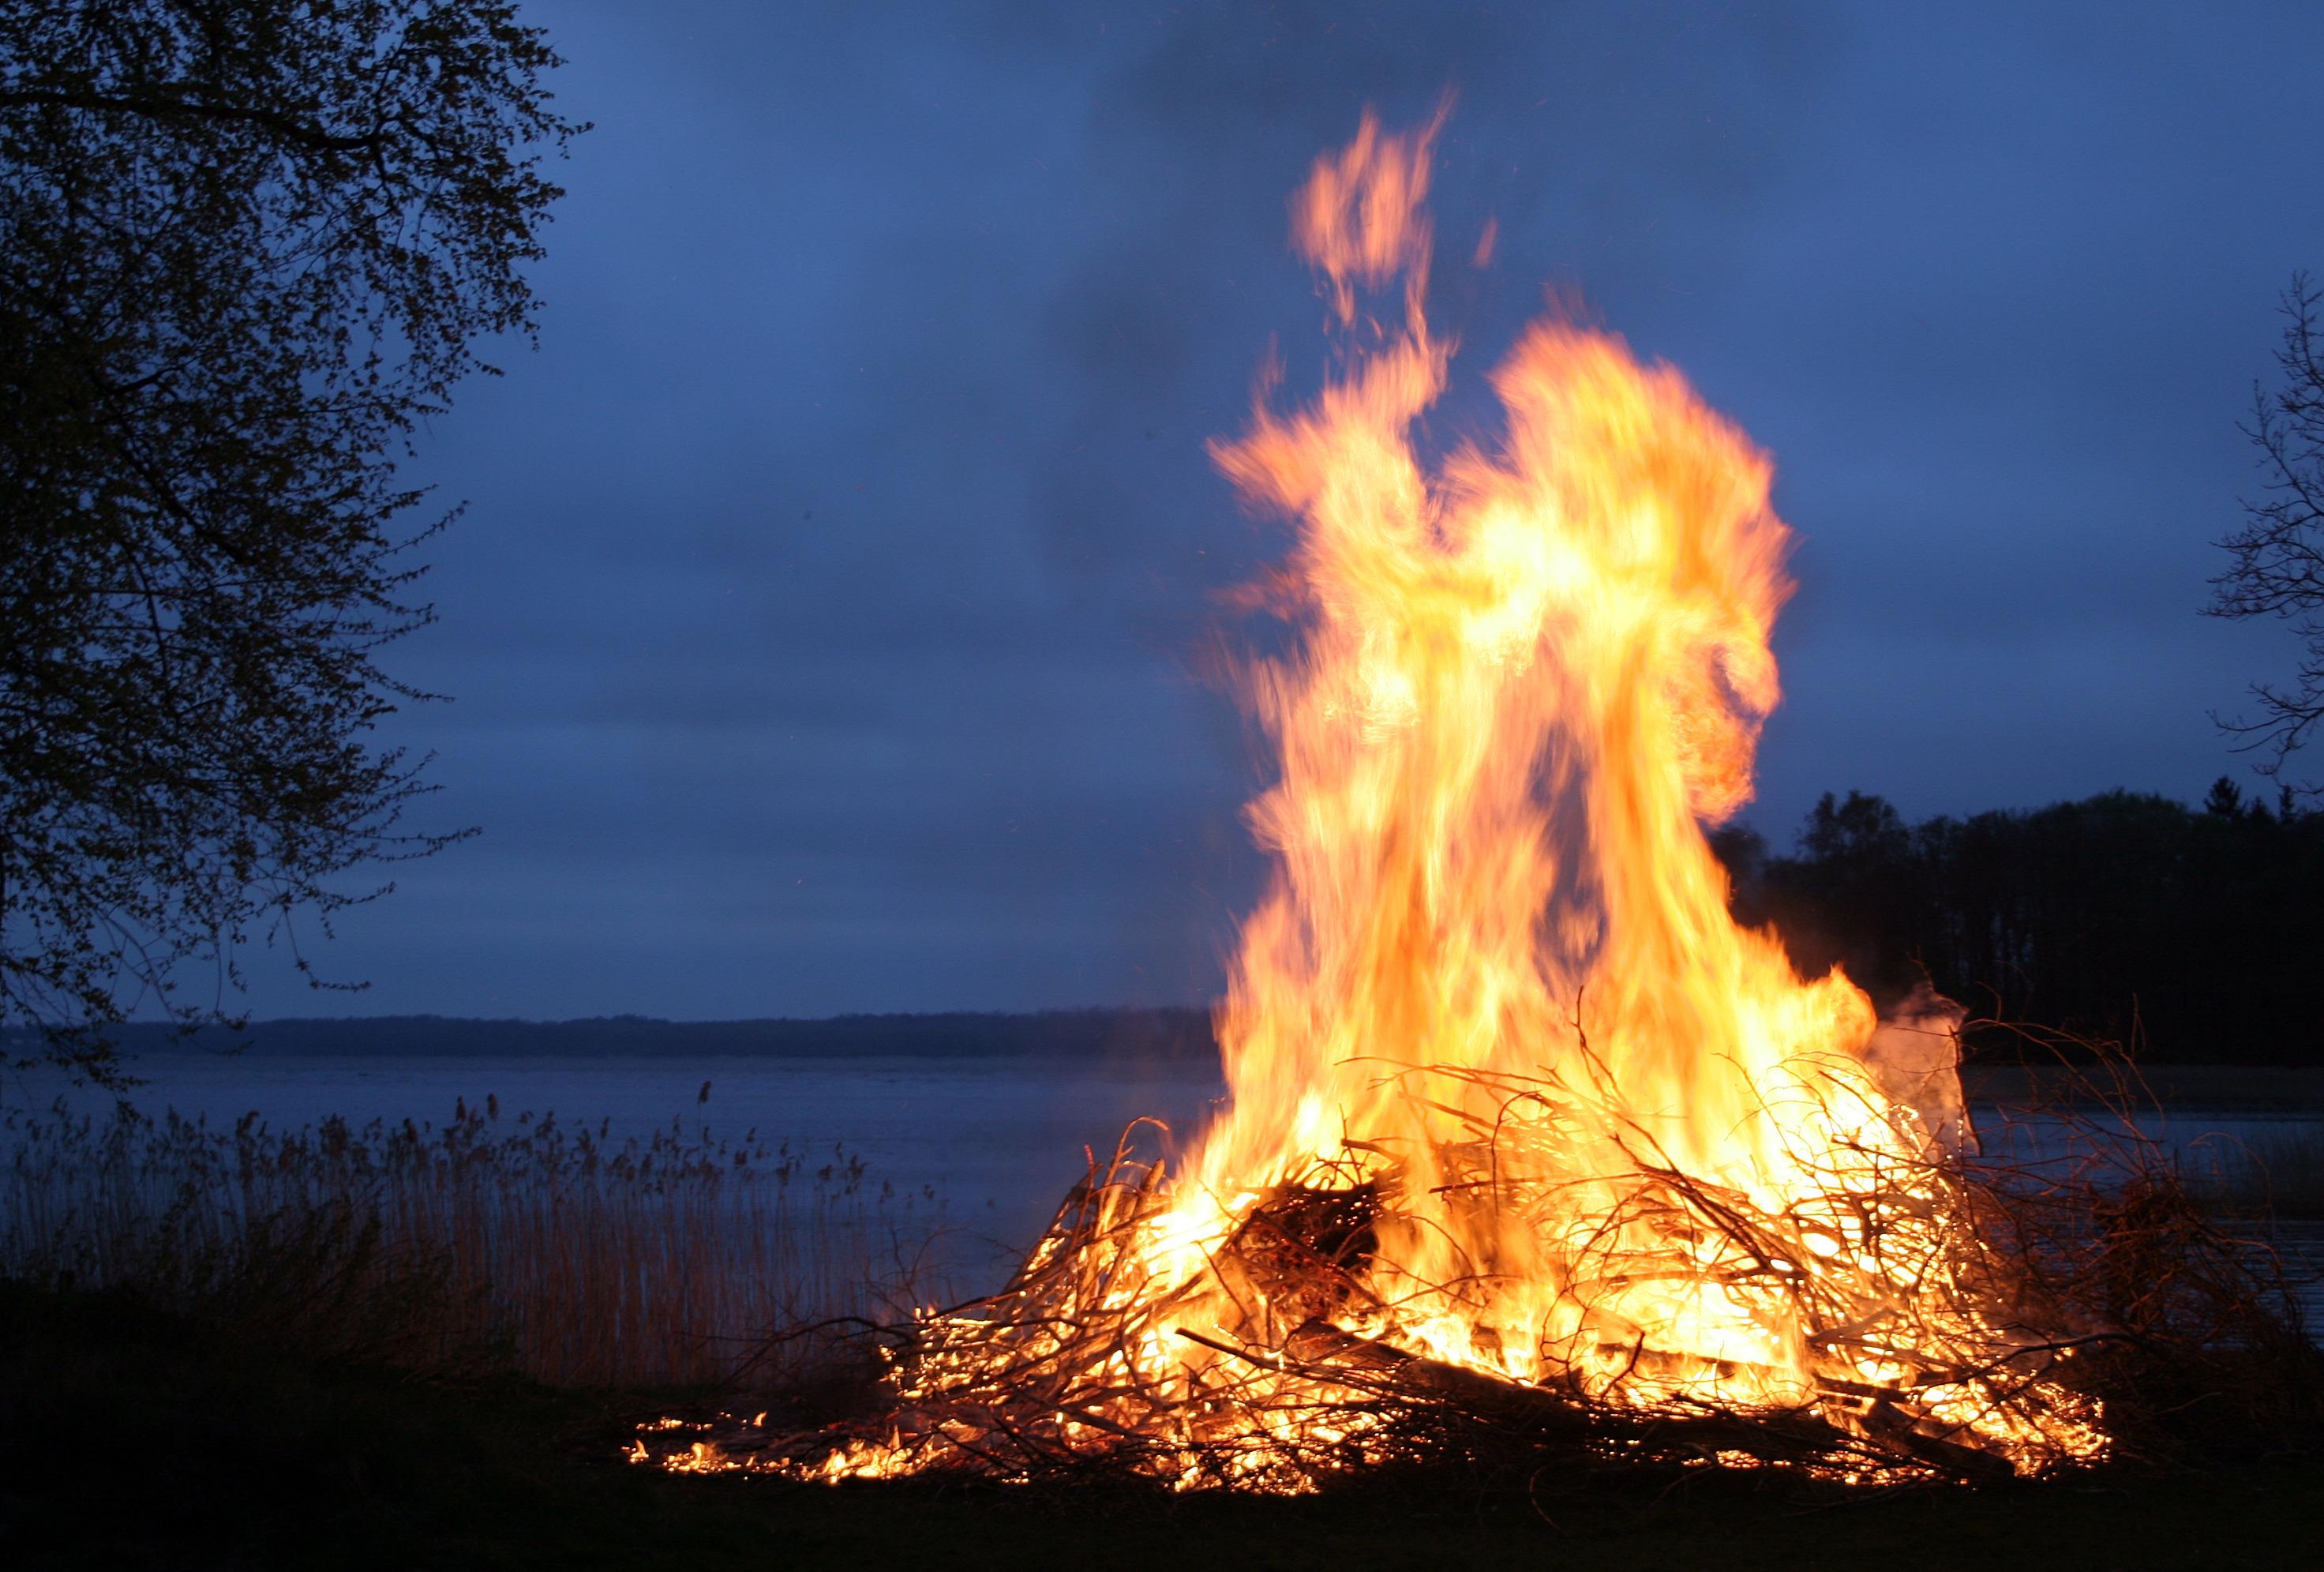 Feuer und Flamme – das ist das Pitta Dosha im Ayurveda.